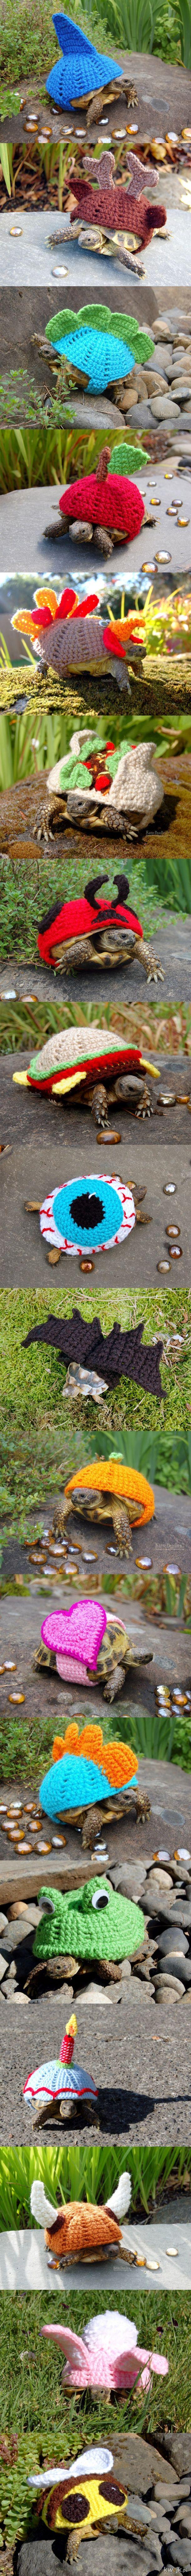 Żółwie ubranko na zimne dni